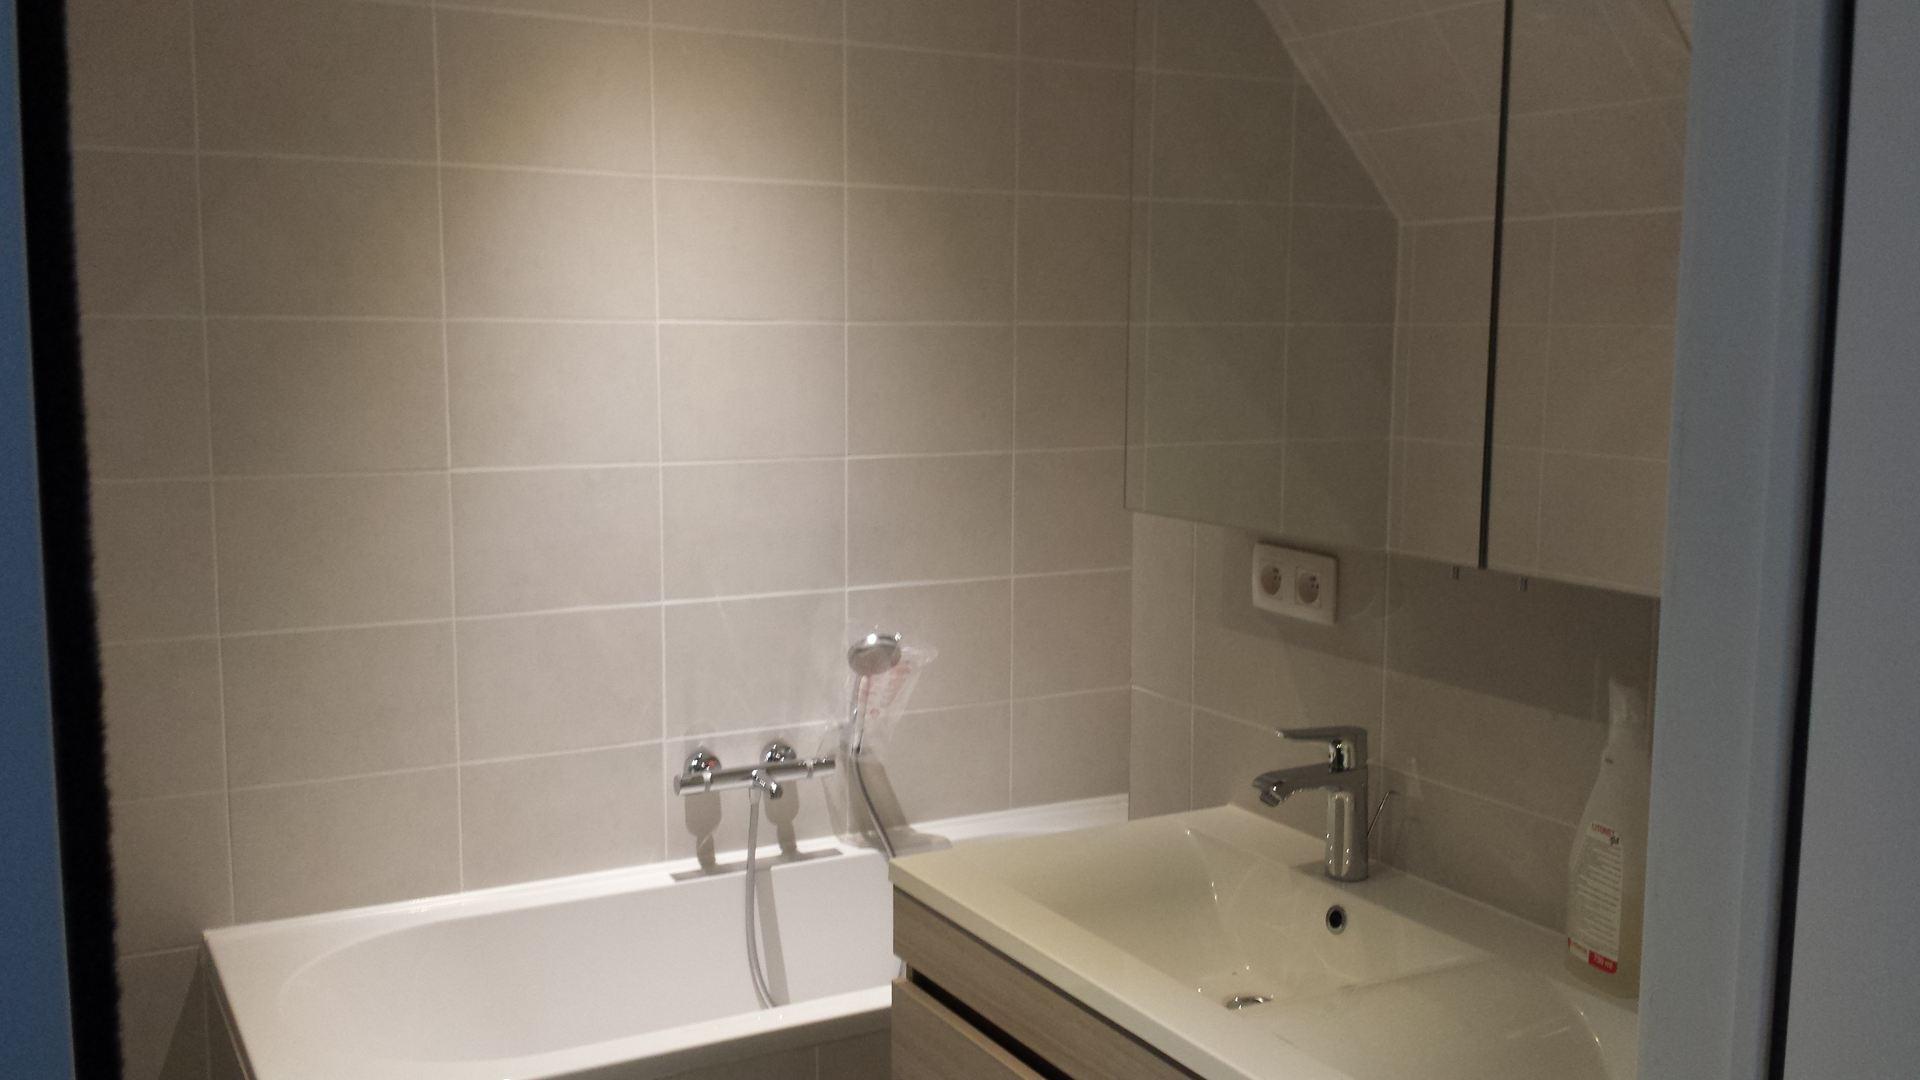 Snelle Renovatie Badkamer : De klussenier frankie coppens uw renovatiebedrijf in sint niklaas